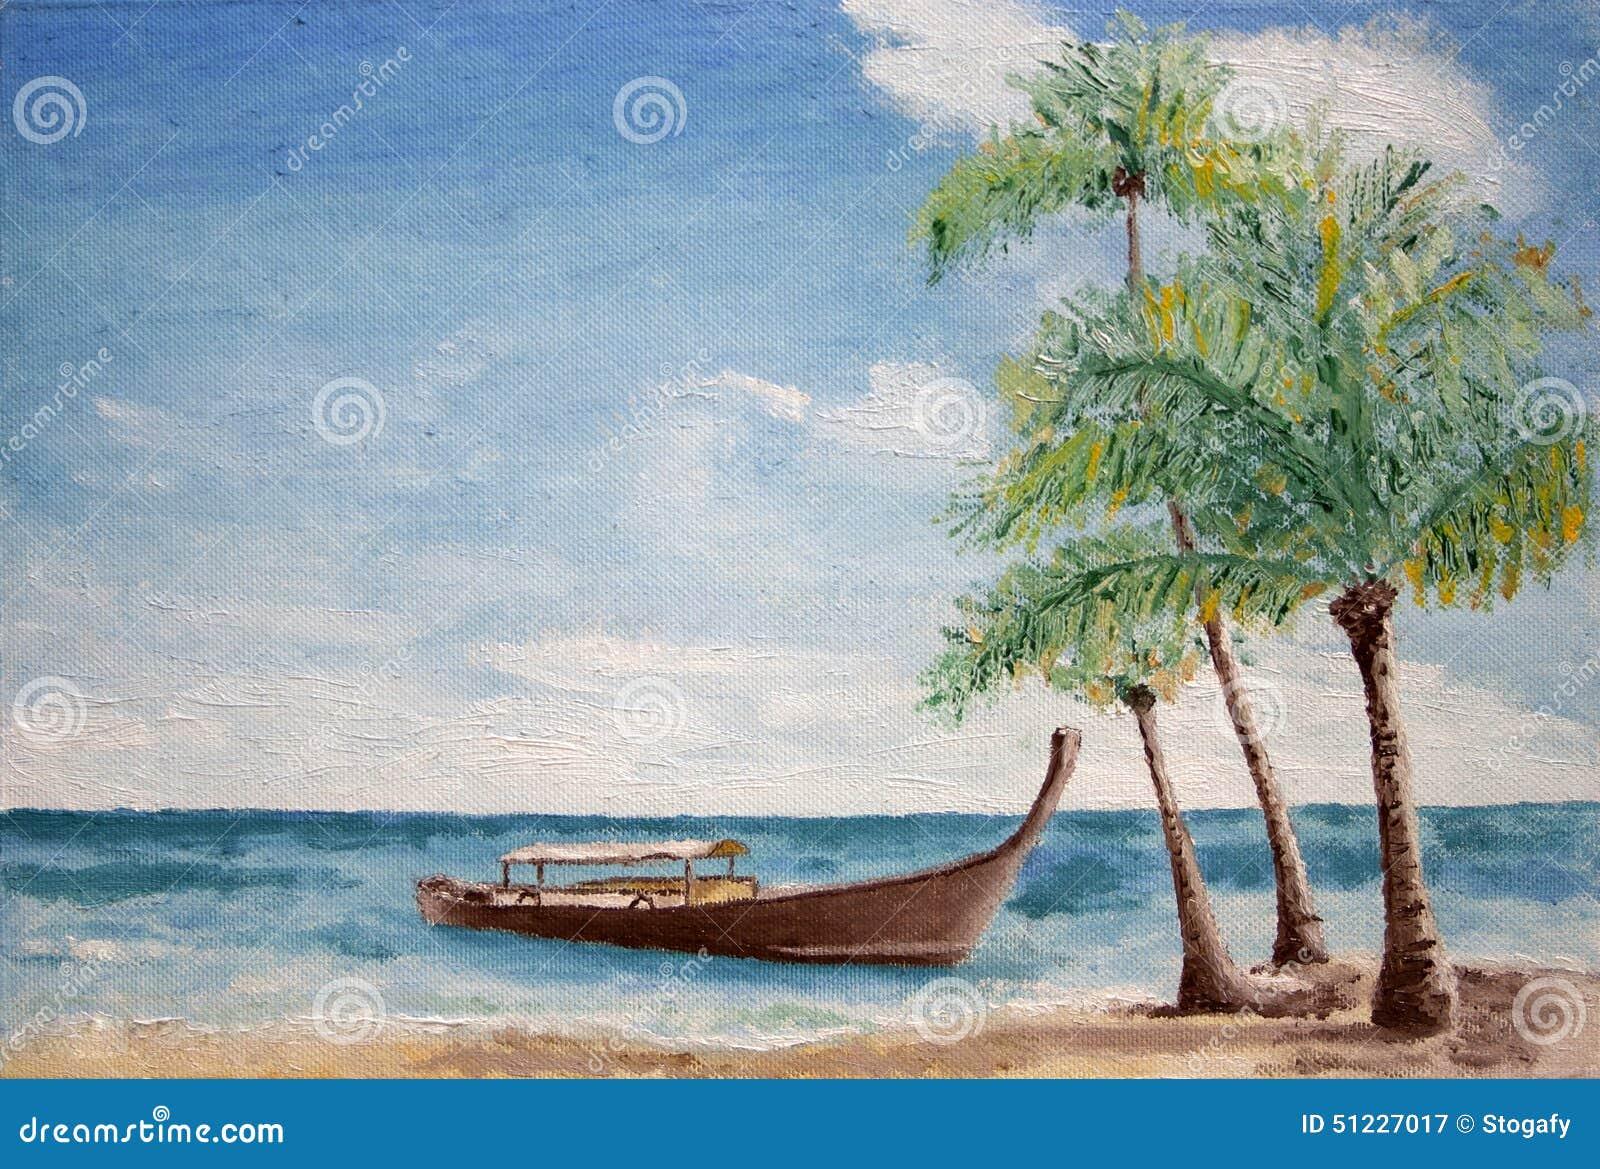 peinture de bateau et de palmiers photo stock image. Black Bedroom Furniture Sets. Home Design Ideas